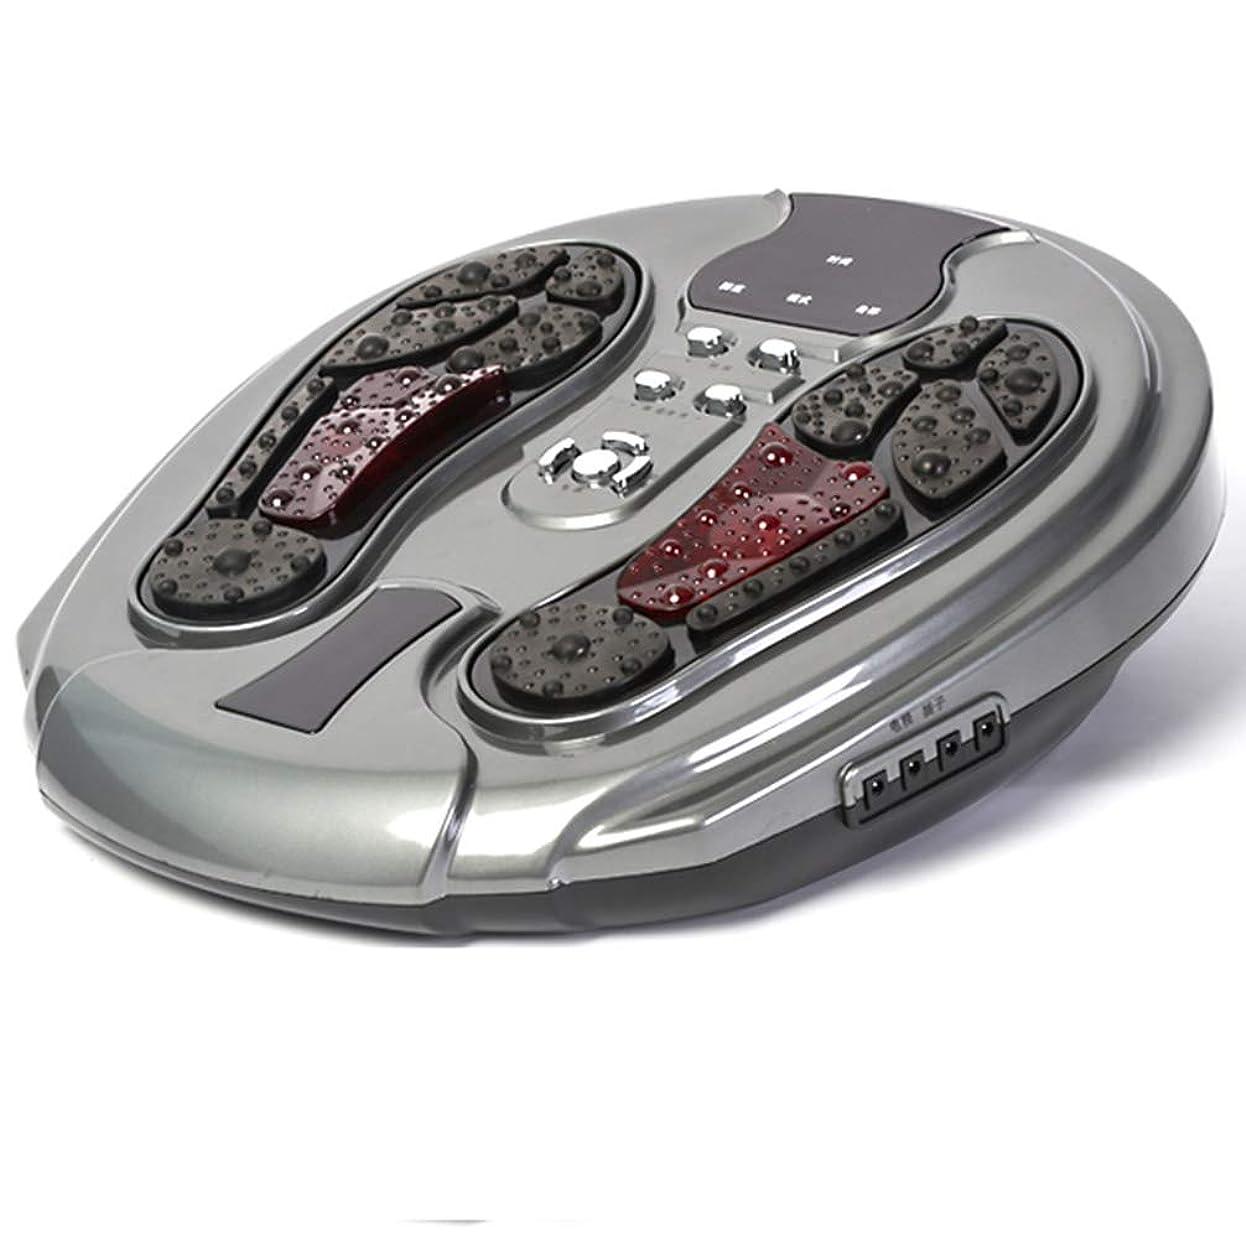 抱擁キウイドラフト電気の フットマッサージ機、電気指圧式フットマッサージャー(熱、空気圧縮、足用マッサージおよび家庭用およびオフィス用) 人間工学的デザイン, gray